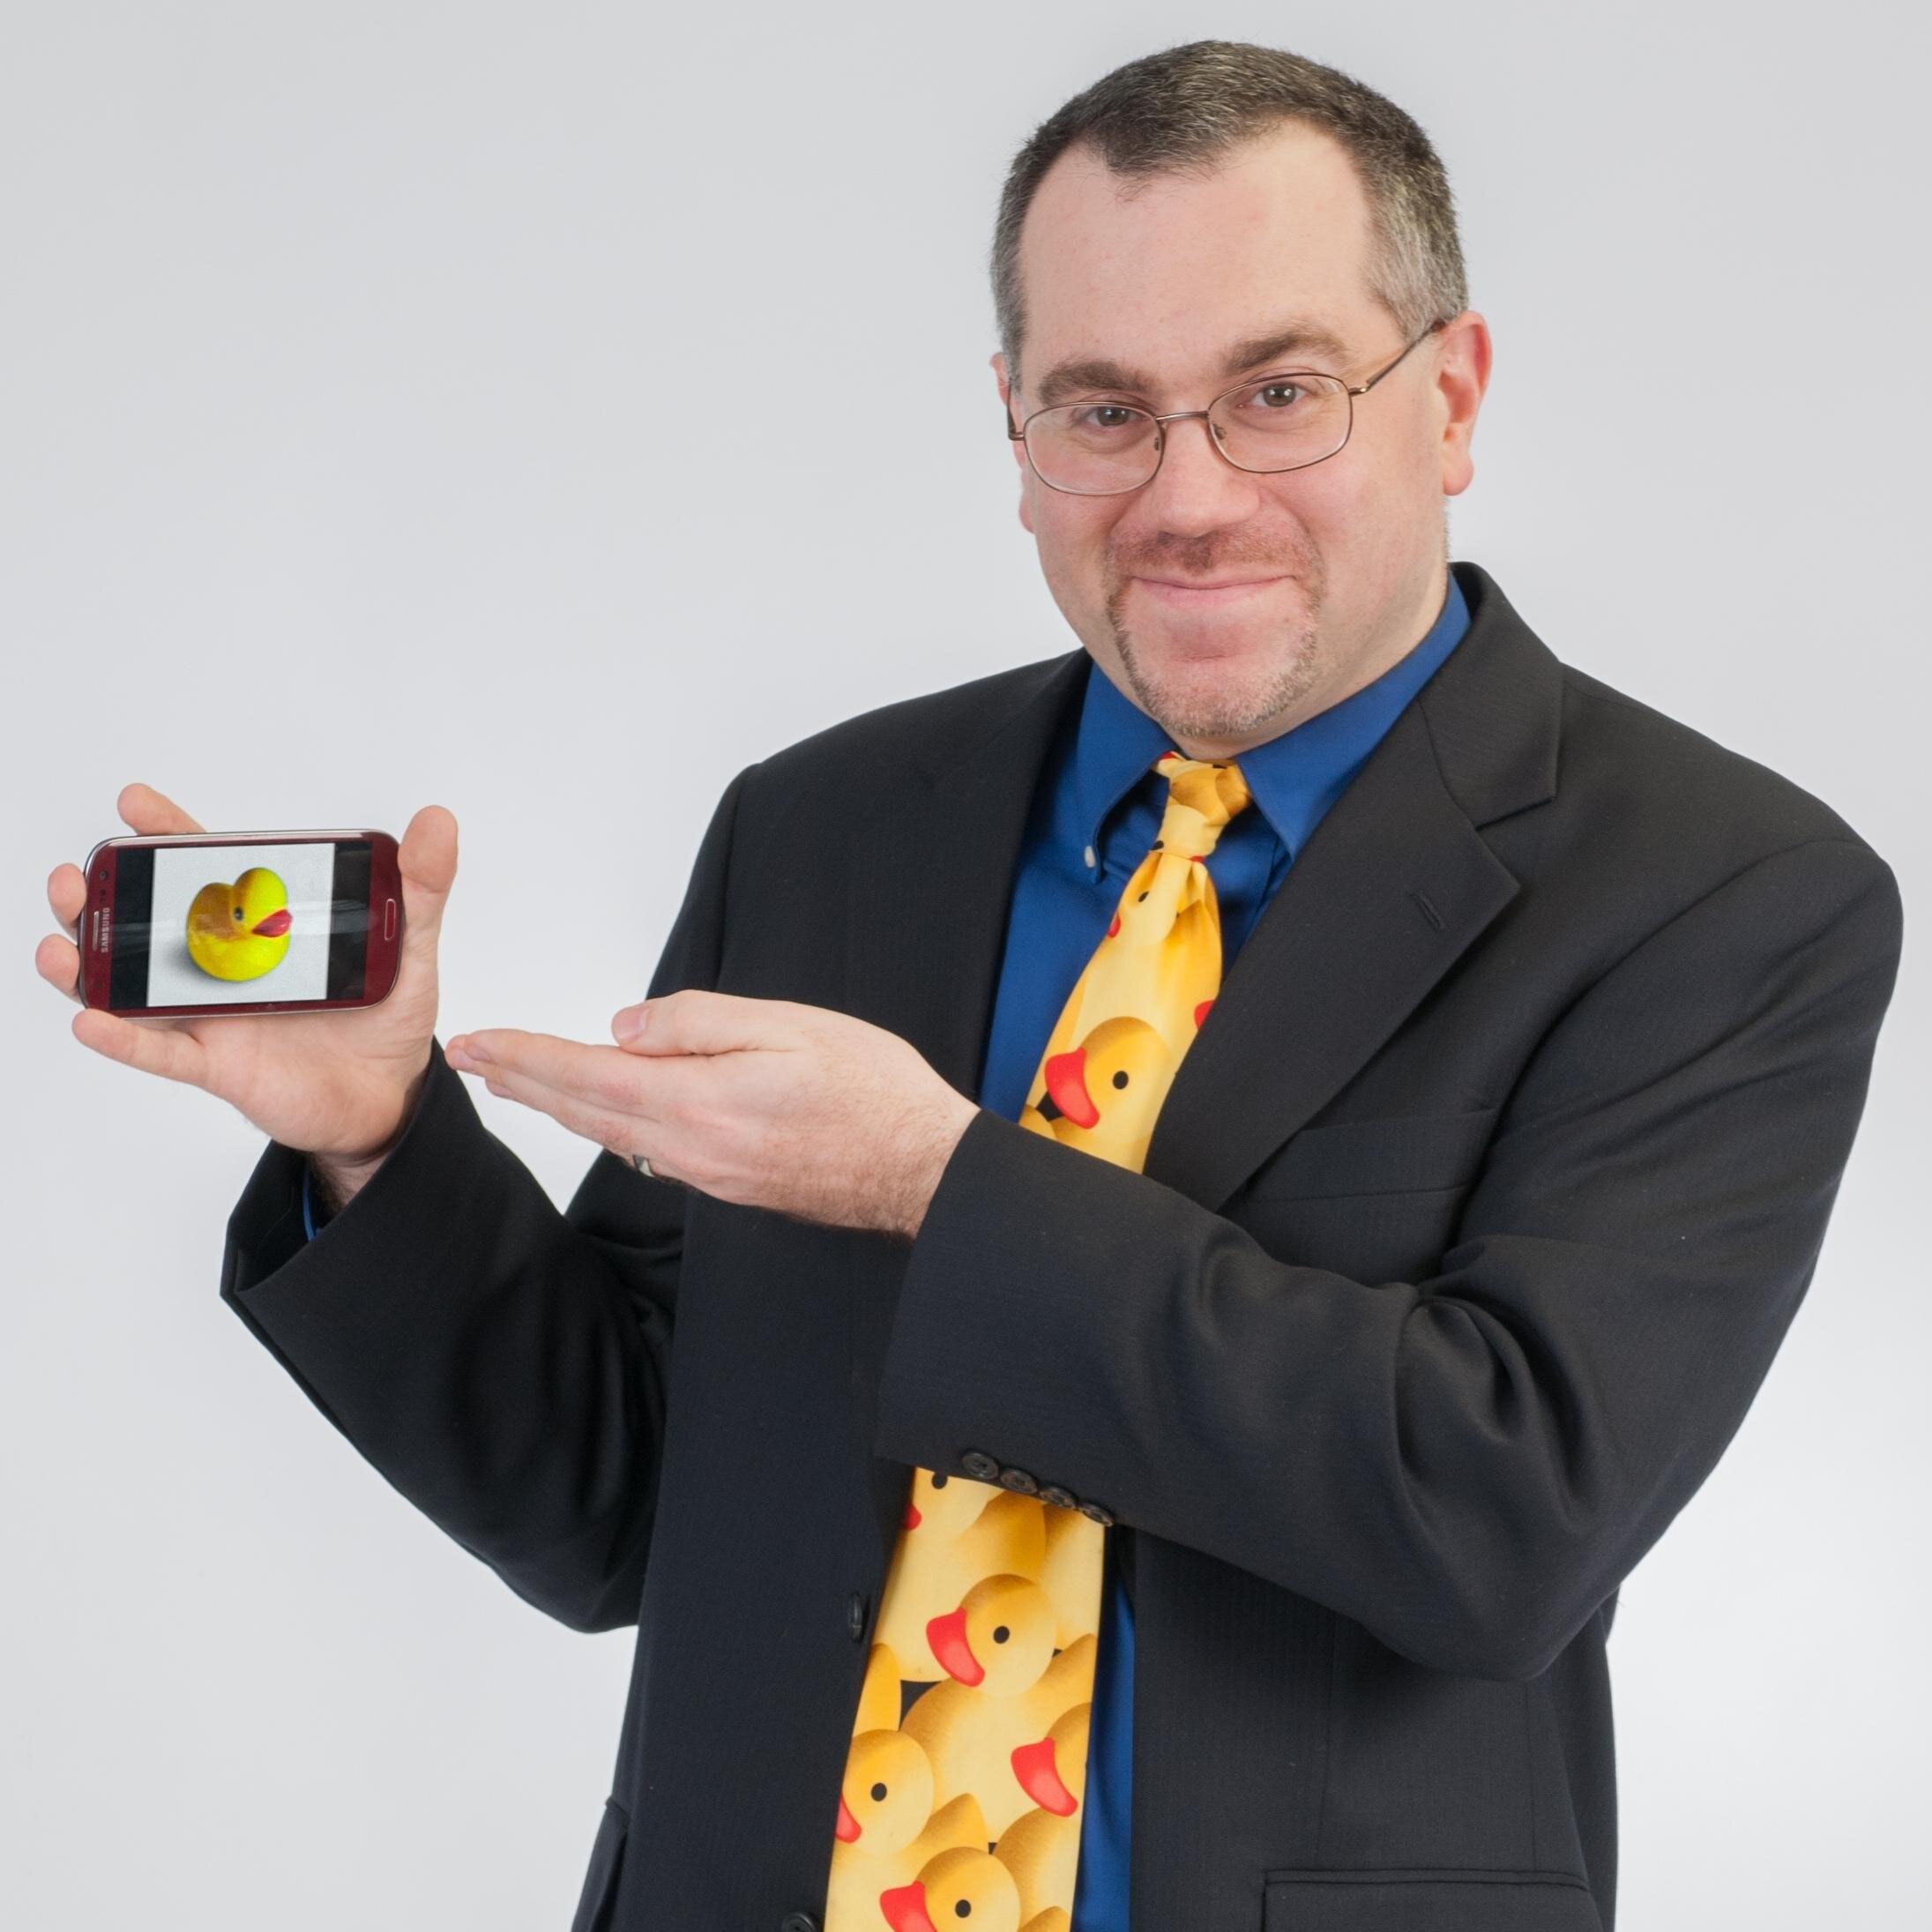 Paul G. Silva